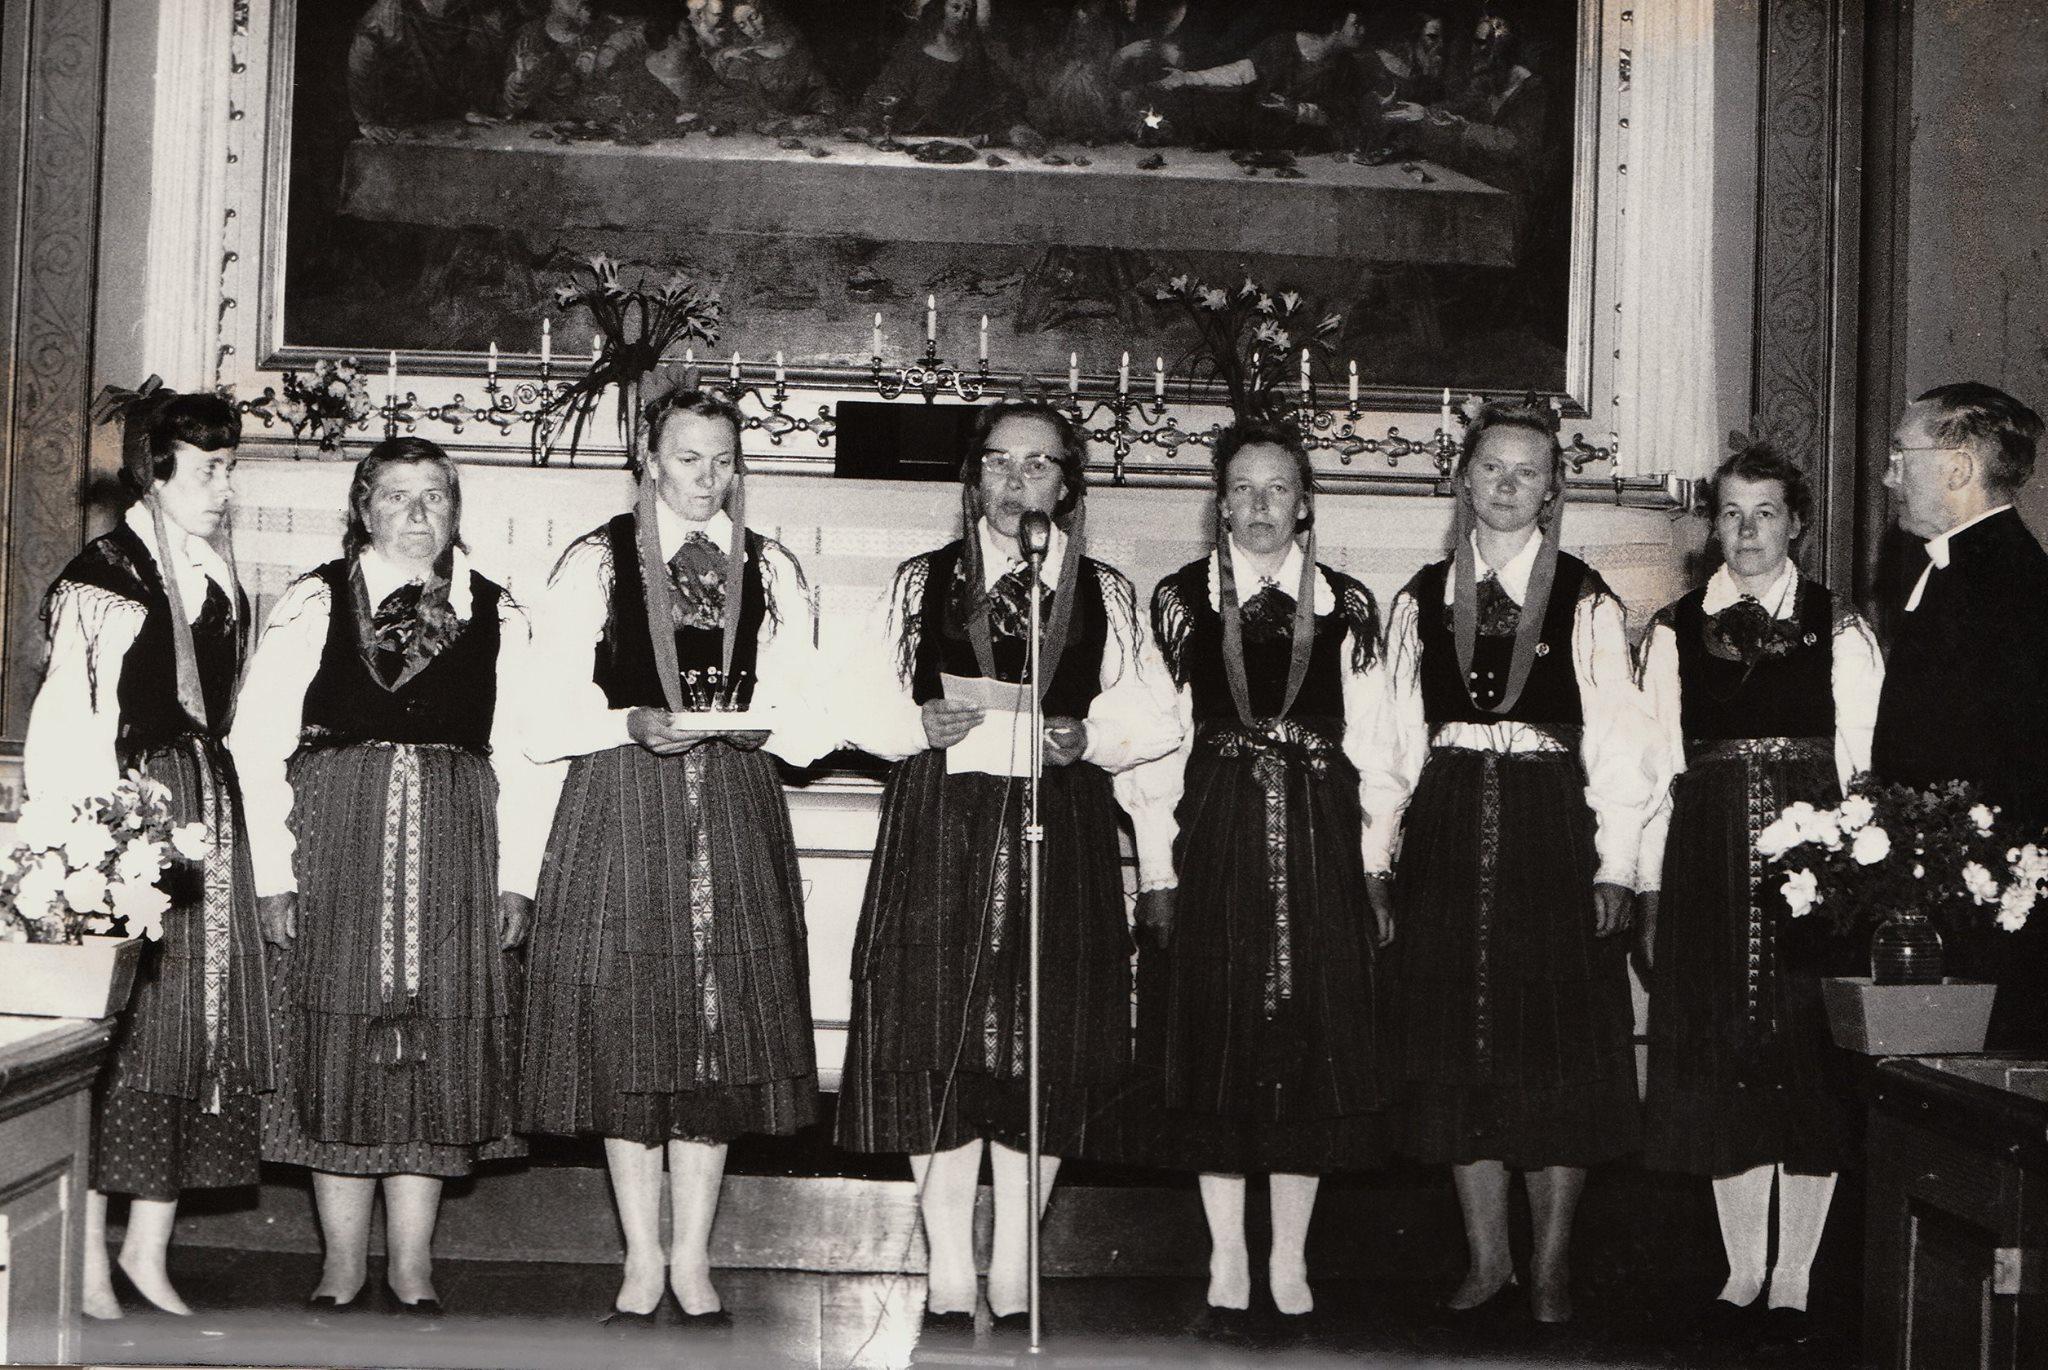 Marthaföreningarna i Lappfjärd överräckte en brudkrona till Lappfjärds församling 15.7. 1962. Från vänster Astrid Lindh Härkmeri, Ellen Fröberg Perus, Alice Hermans Lappfjärd som designade kronan, Gunnel Smeds Lappfjärd, Ines Tasanko Korsbäck, Astrid Lindström Låhlby, Jenny Backlund Dagsmark. Kronan mottogs av prosten Rafael Lindholm och tillverkades av guldsmed Selim Löfgren i Vasa.